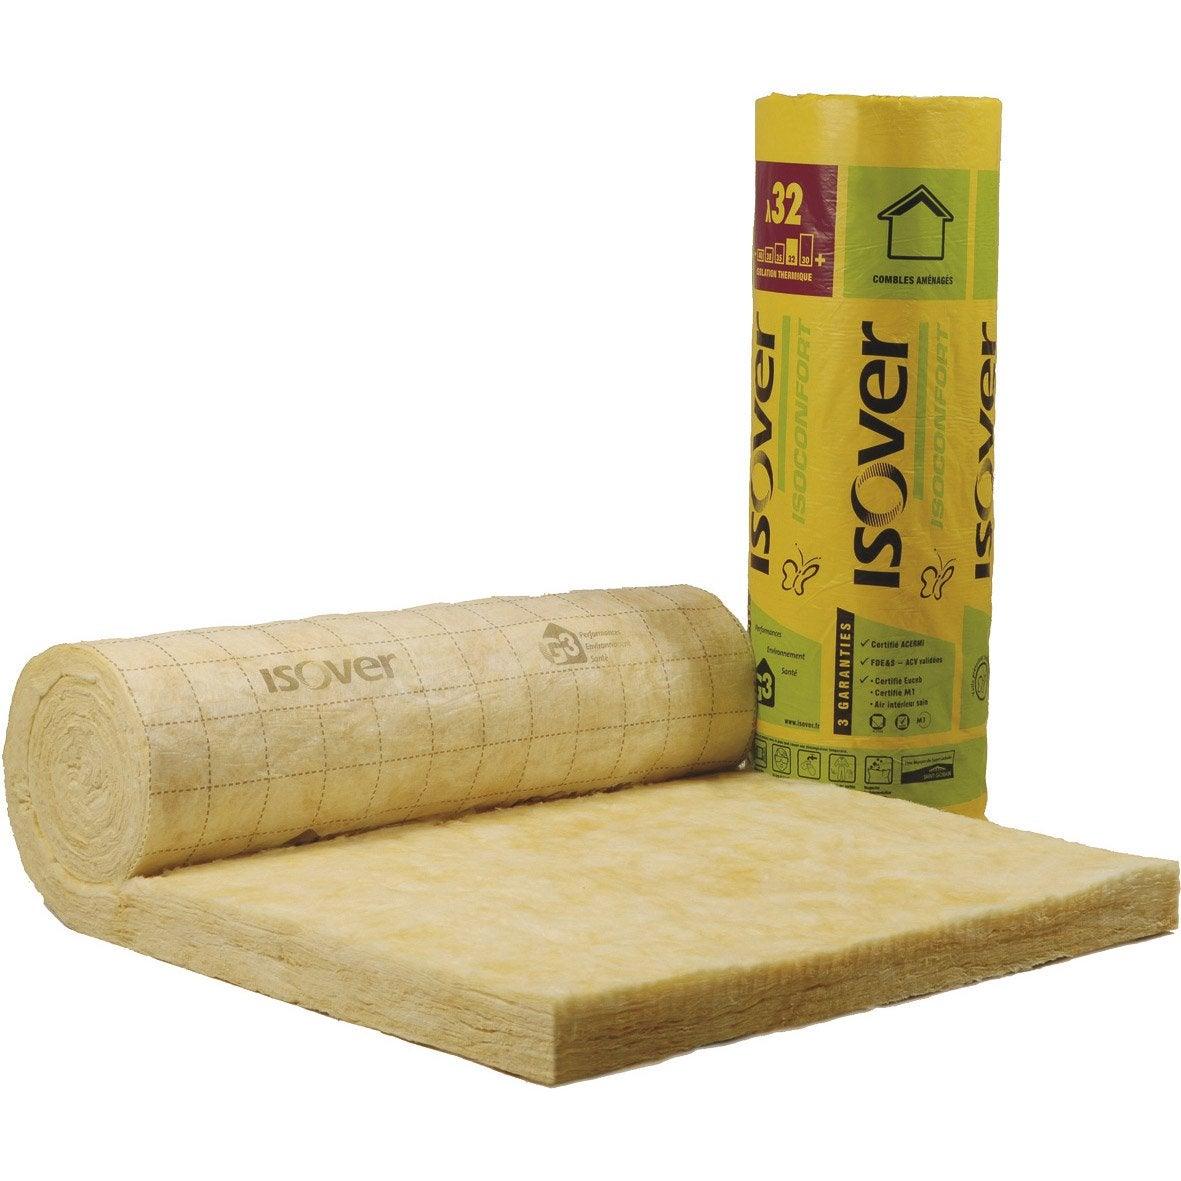 laine de verre nu 6 x 1 2 m ep 60 mm lambda r isoconfort leroy merlin. Black Bedroom Furniture Sets. Home Design Ideas